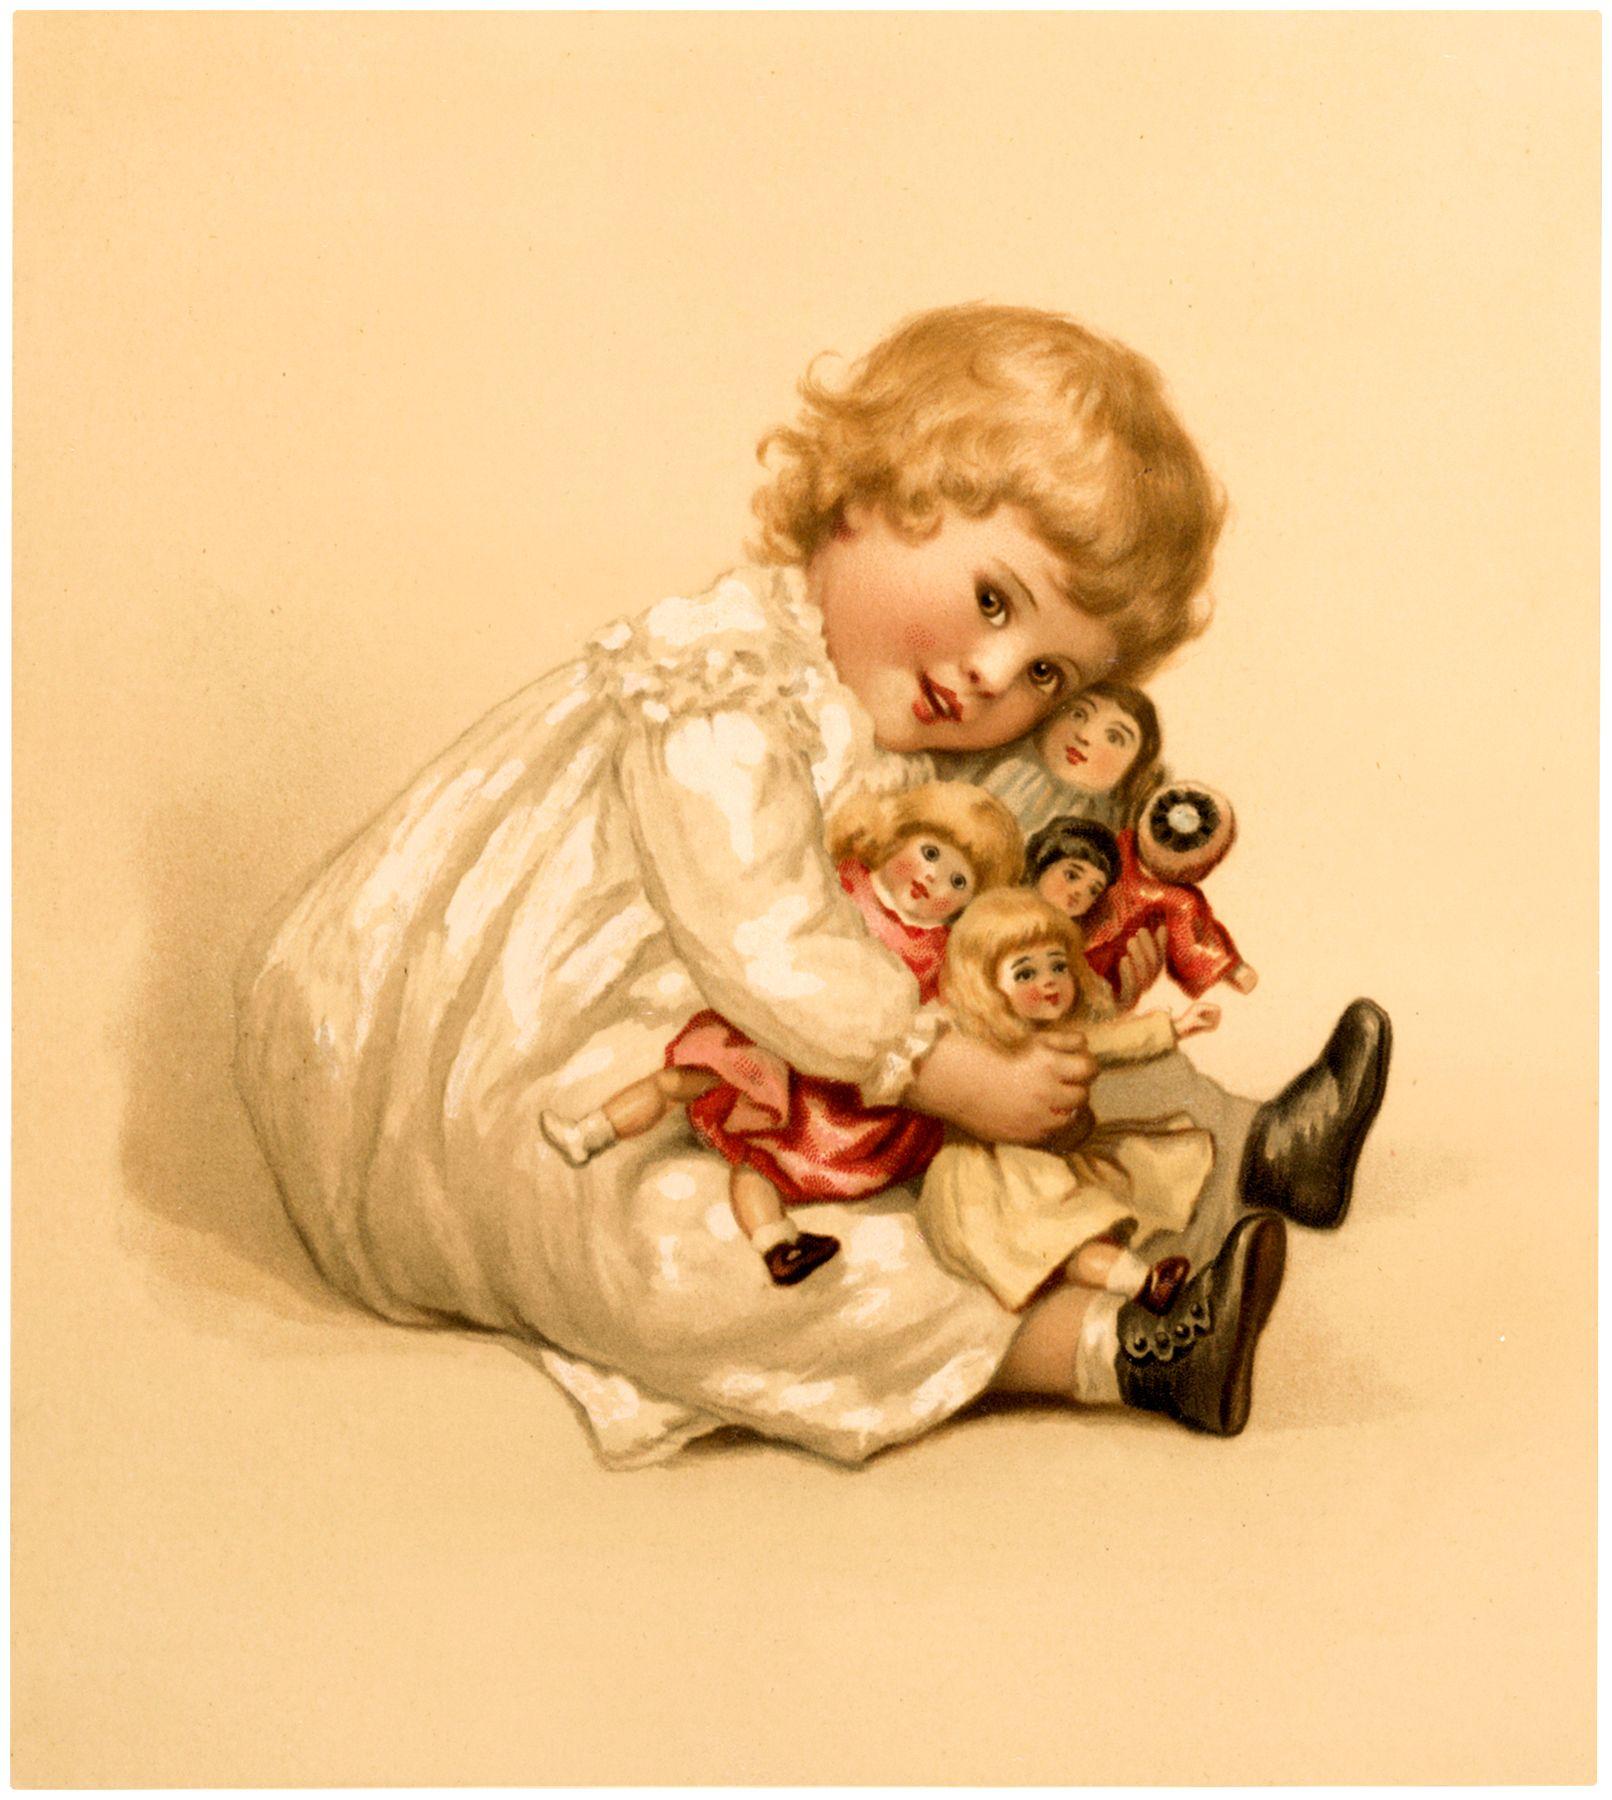 8 Vintage Girls with Dolls Images! | Vintage girls